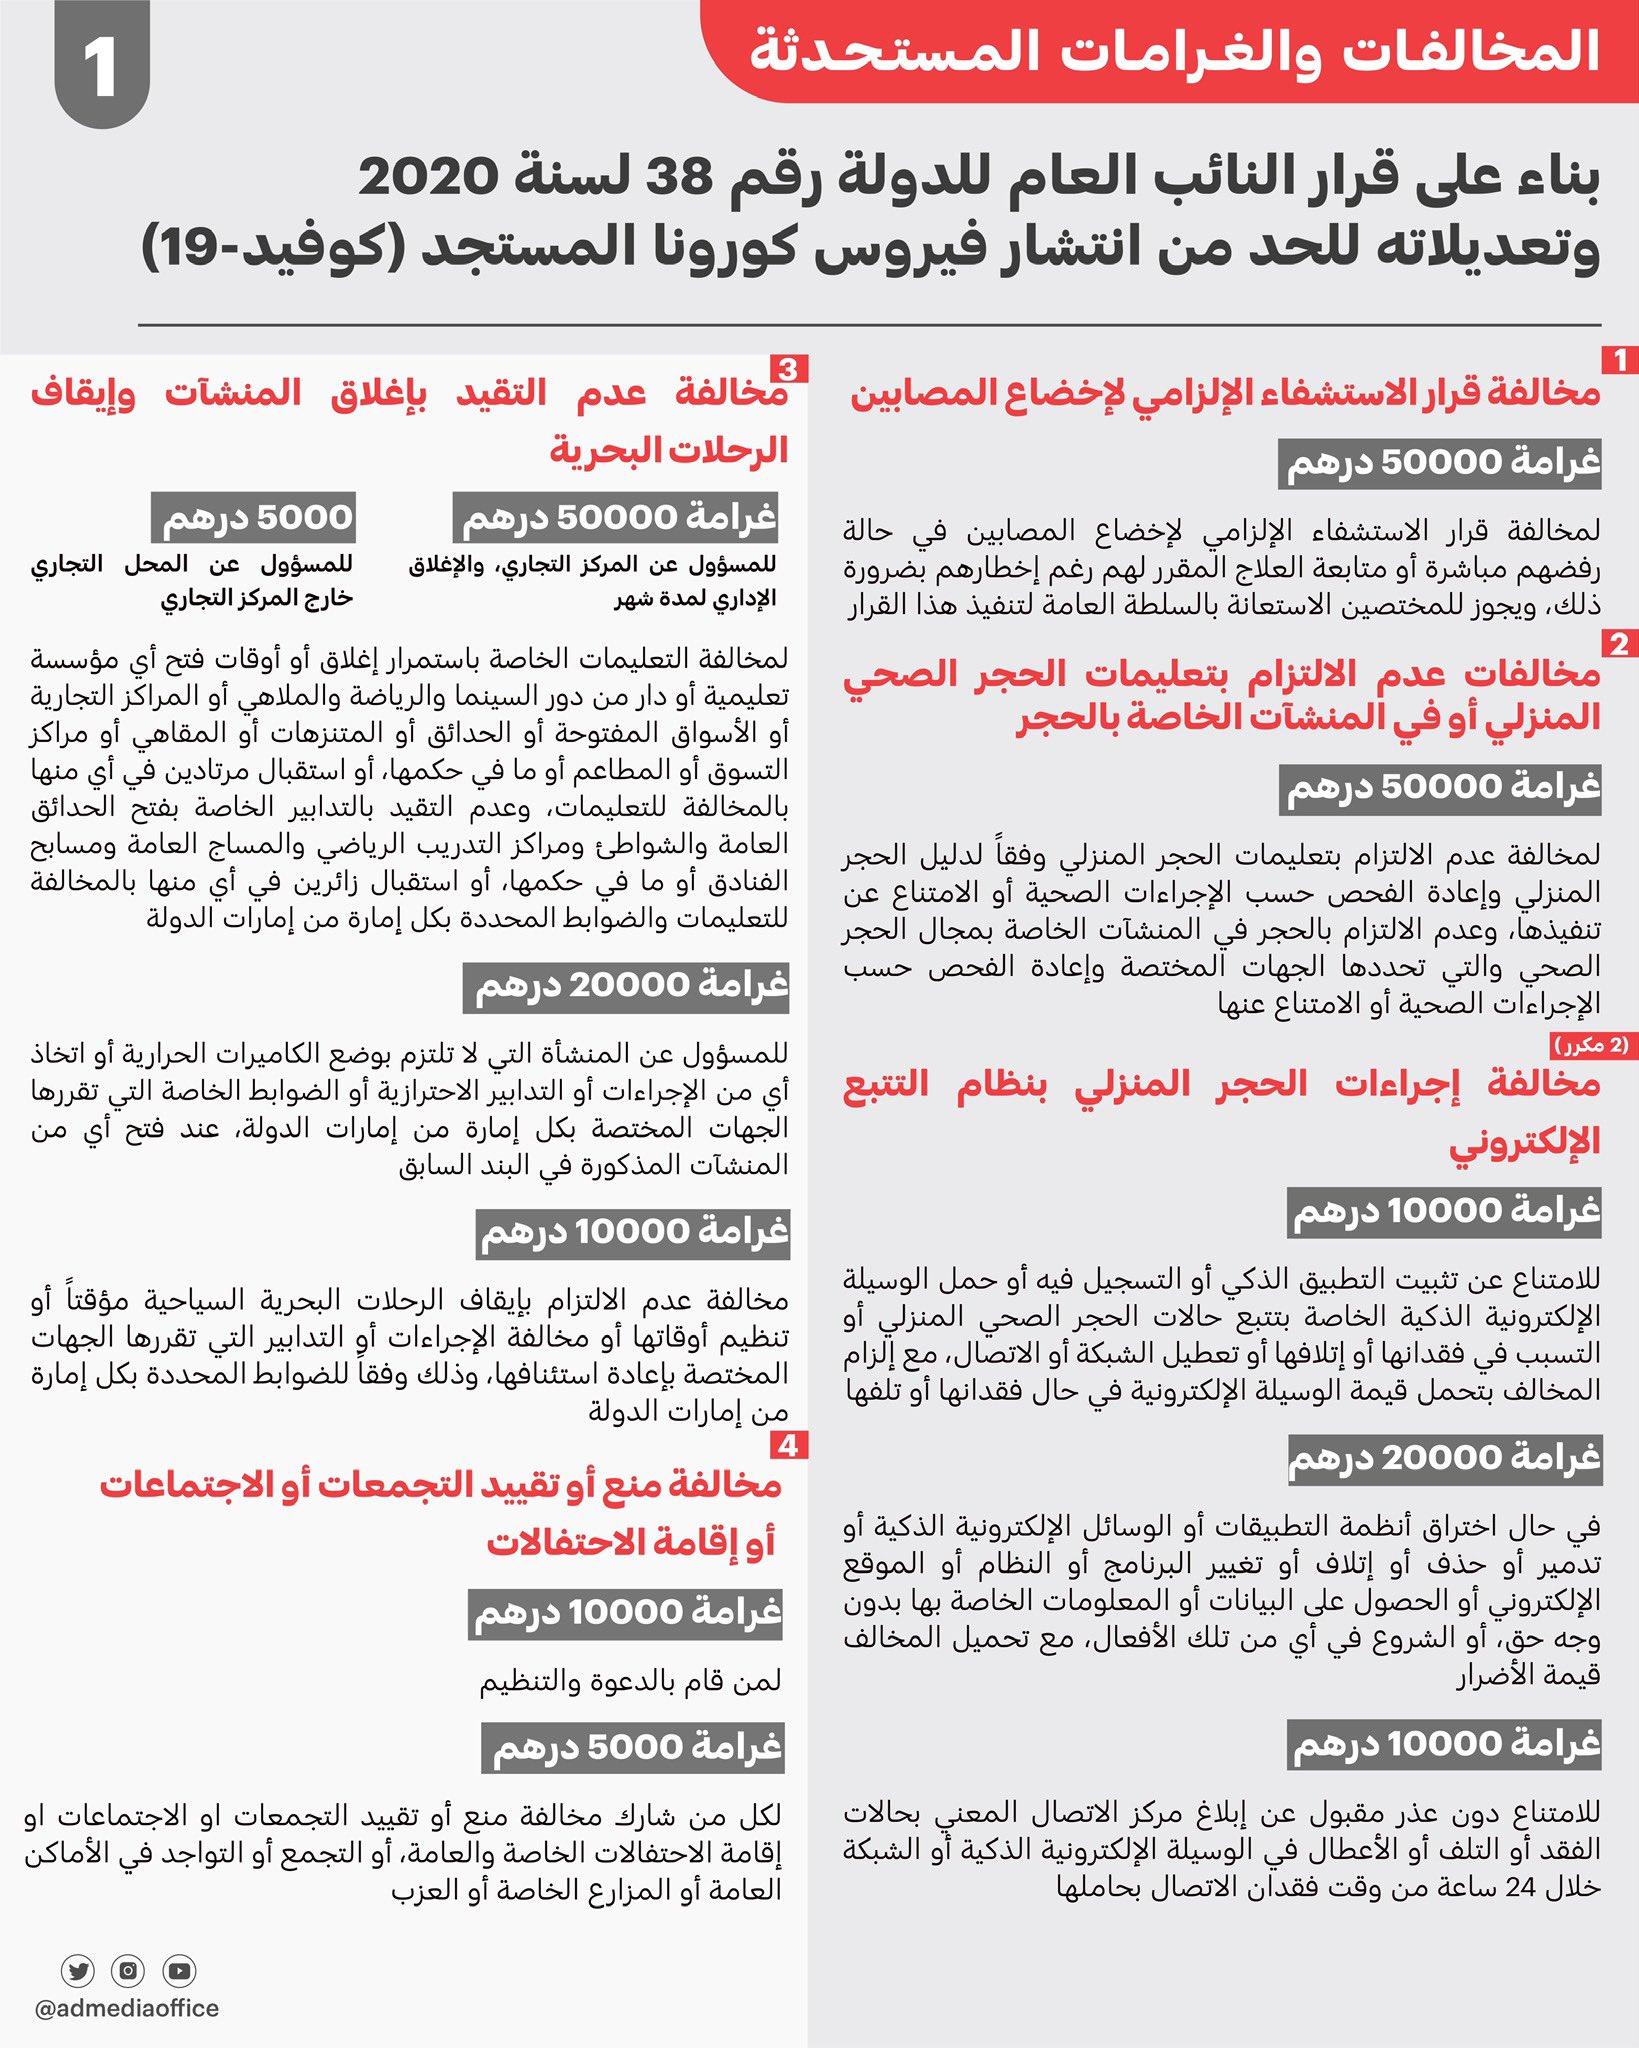 تشريعات مكافحة فيروس كورونا المستجد كوفيد 19 البوابة الرسمية لحكومة الإمارات العربية المتحدة